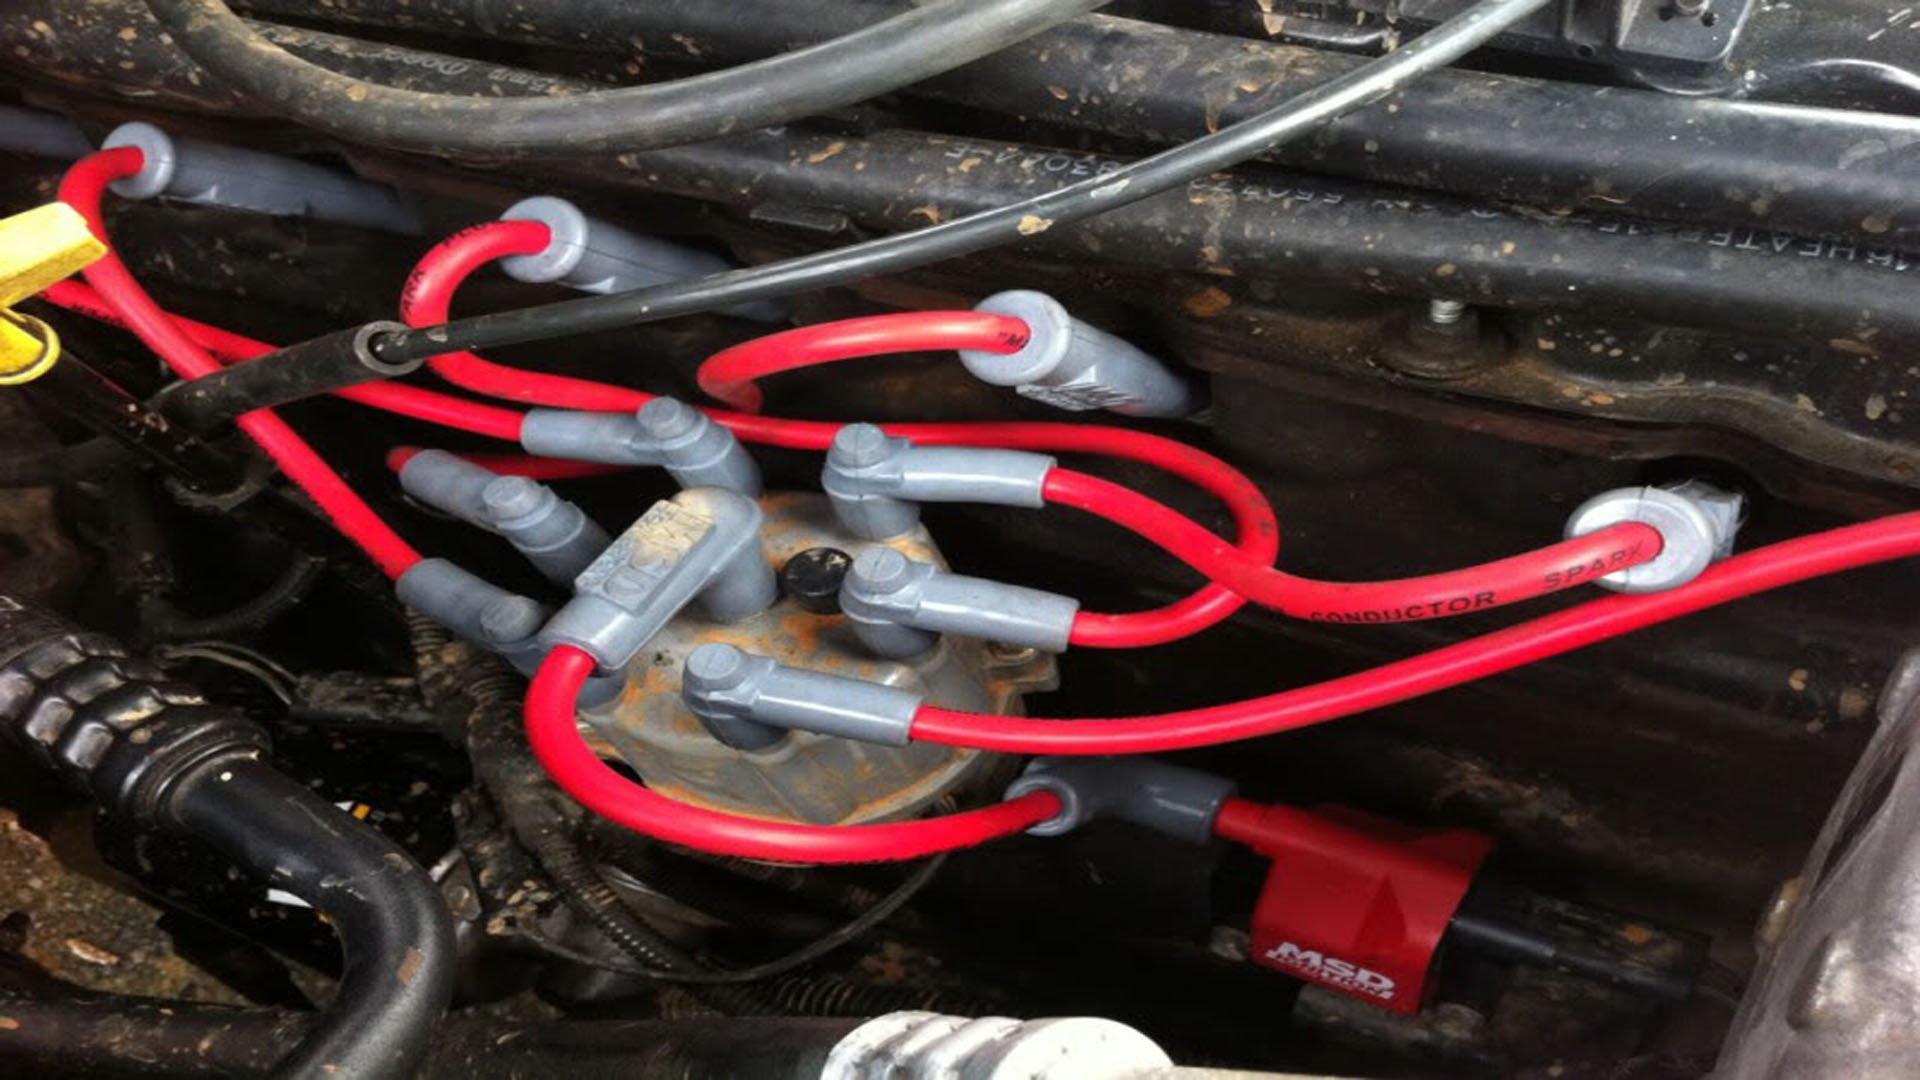 Jeep Cherokee 1997-2001: How to Replace Spark Plugs   CherokeeforumJeep Cherokee Forum